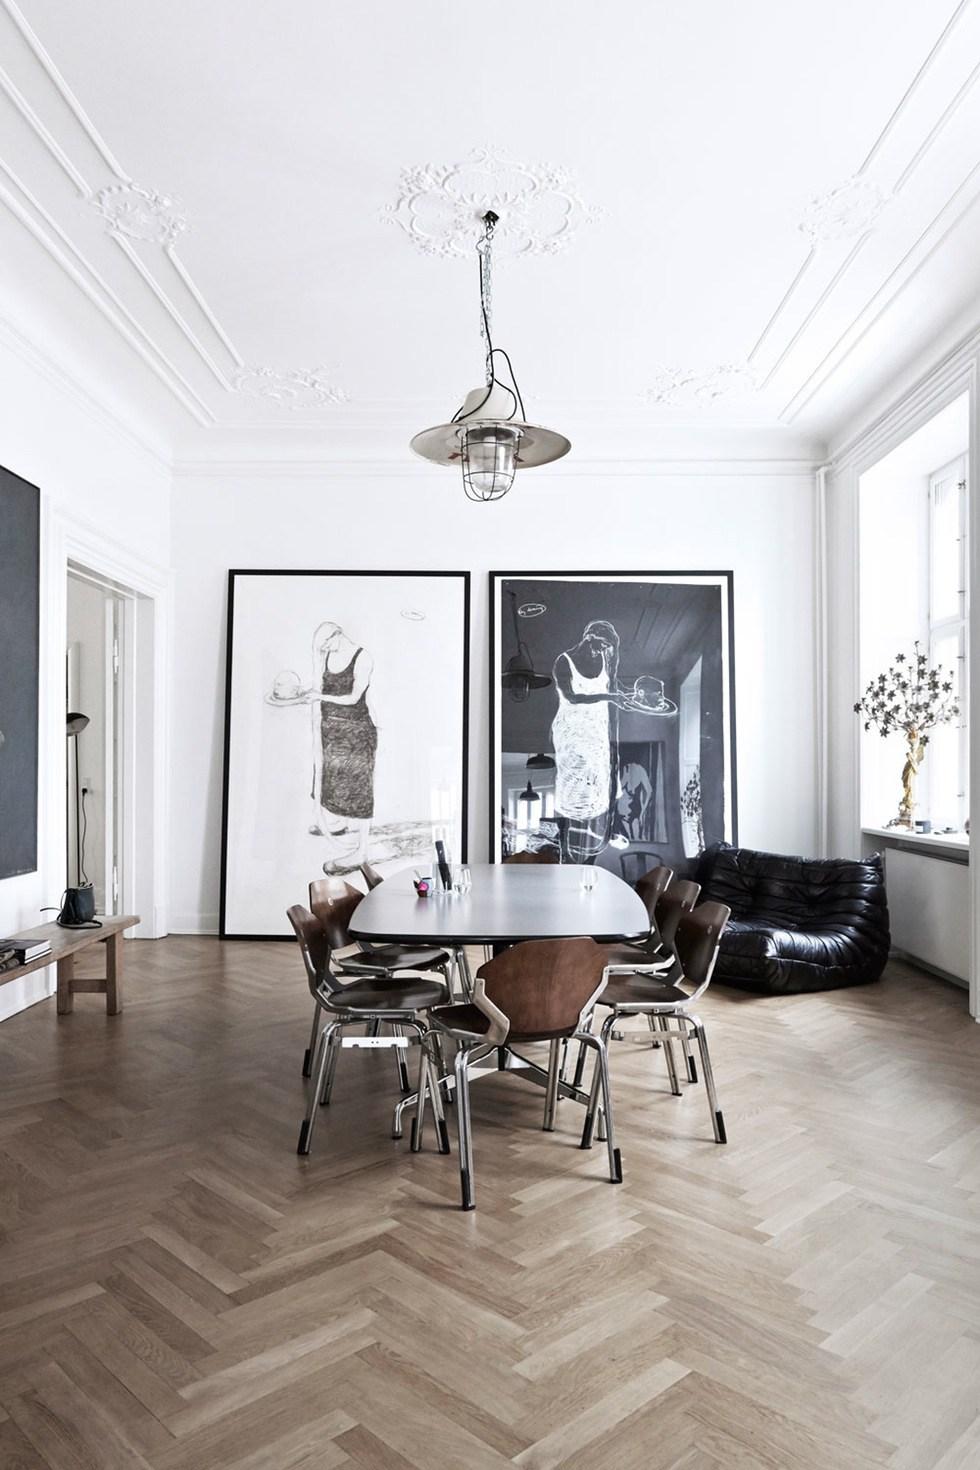 hanglamp-boven-eettafel